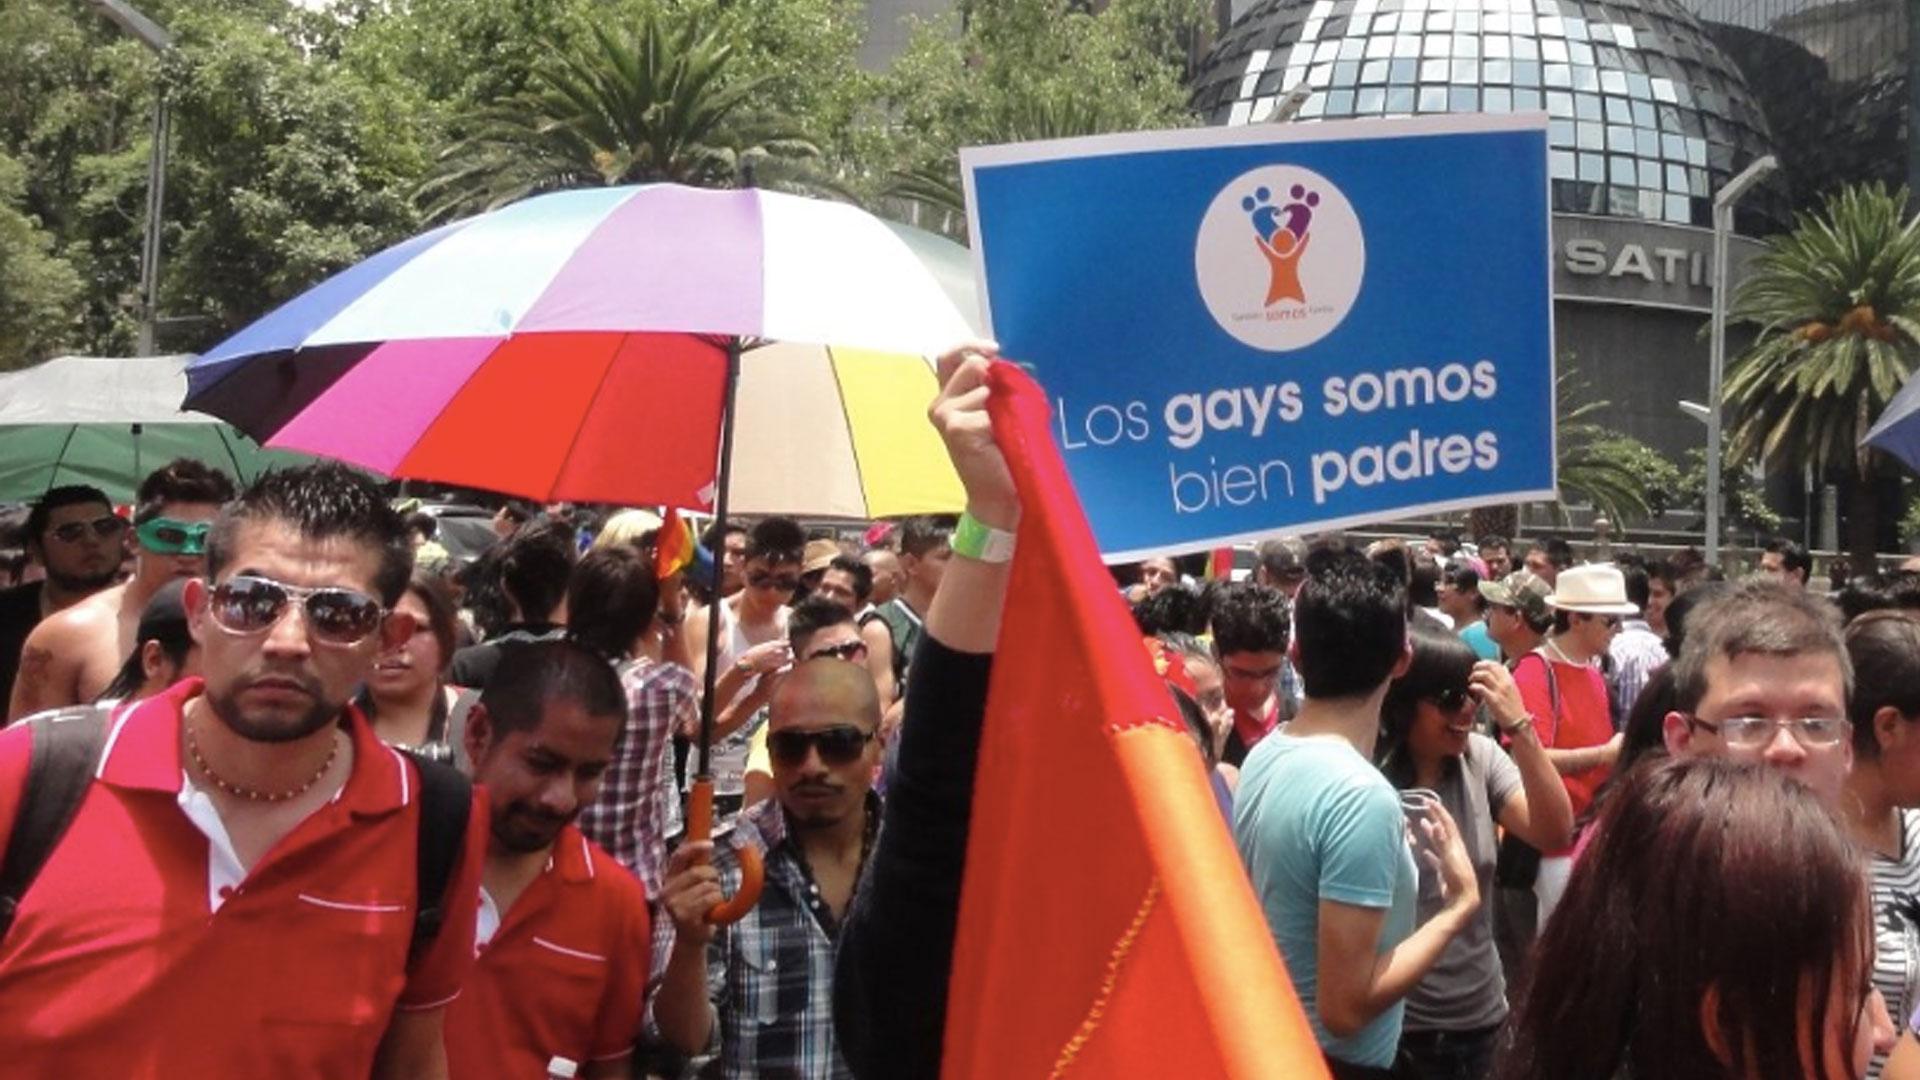 La Corte en México reconoció el derecho de parejas gay de ser padres con ayuda de reproducción asistida (Foto: Twitter pachukman)